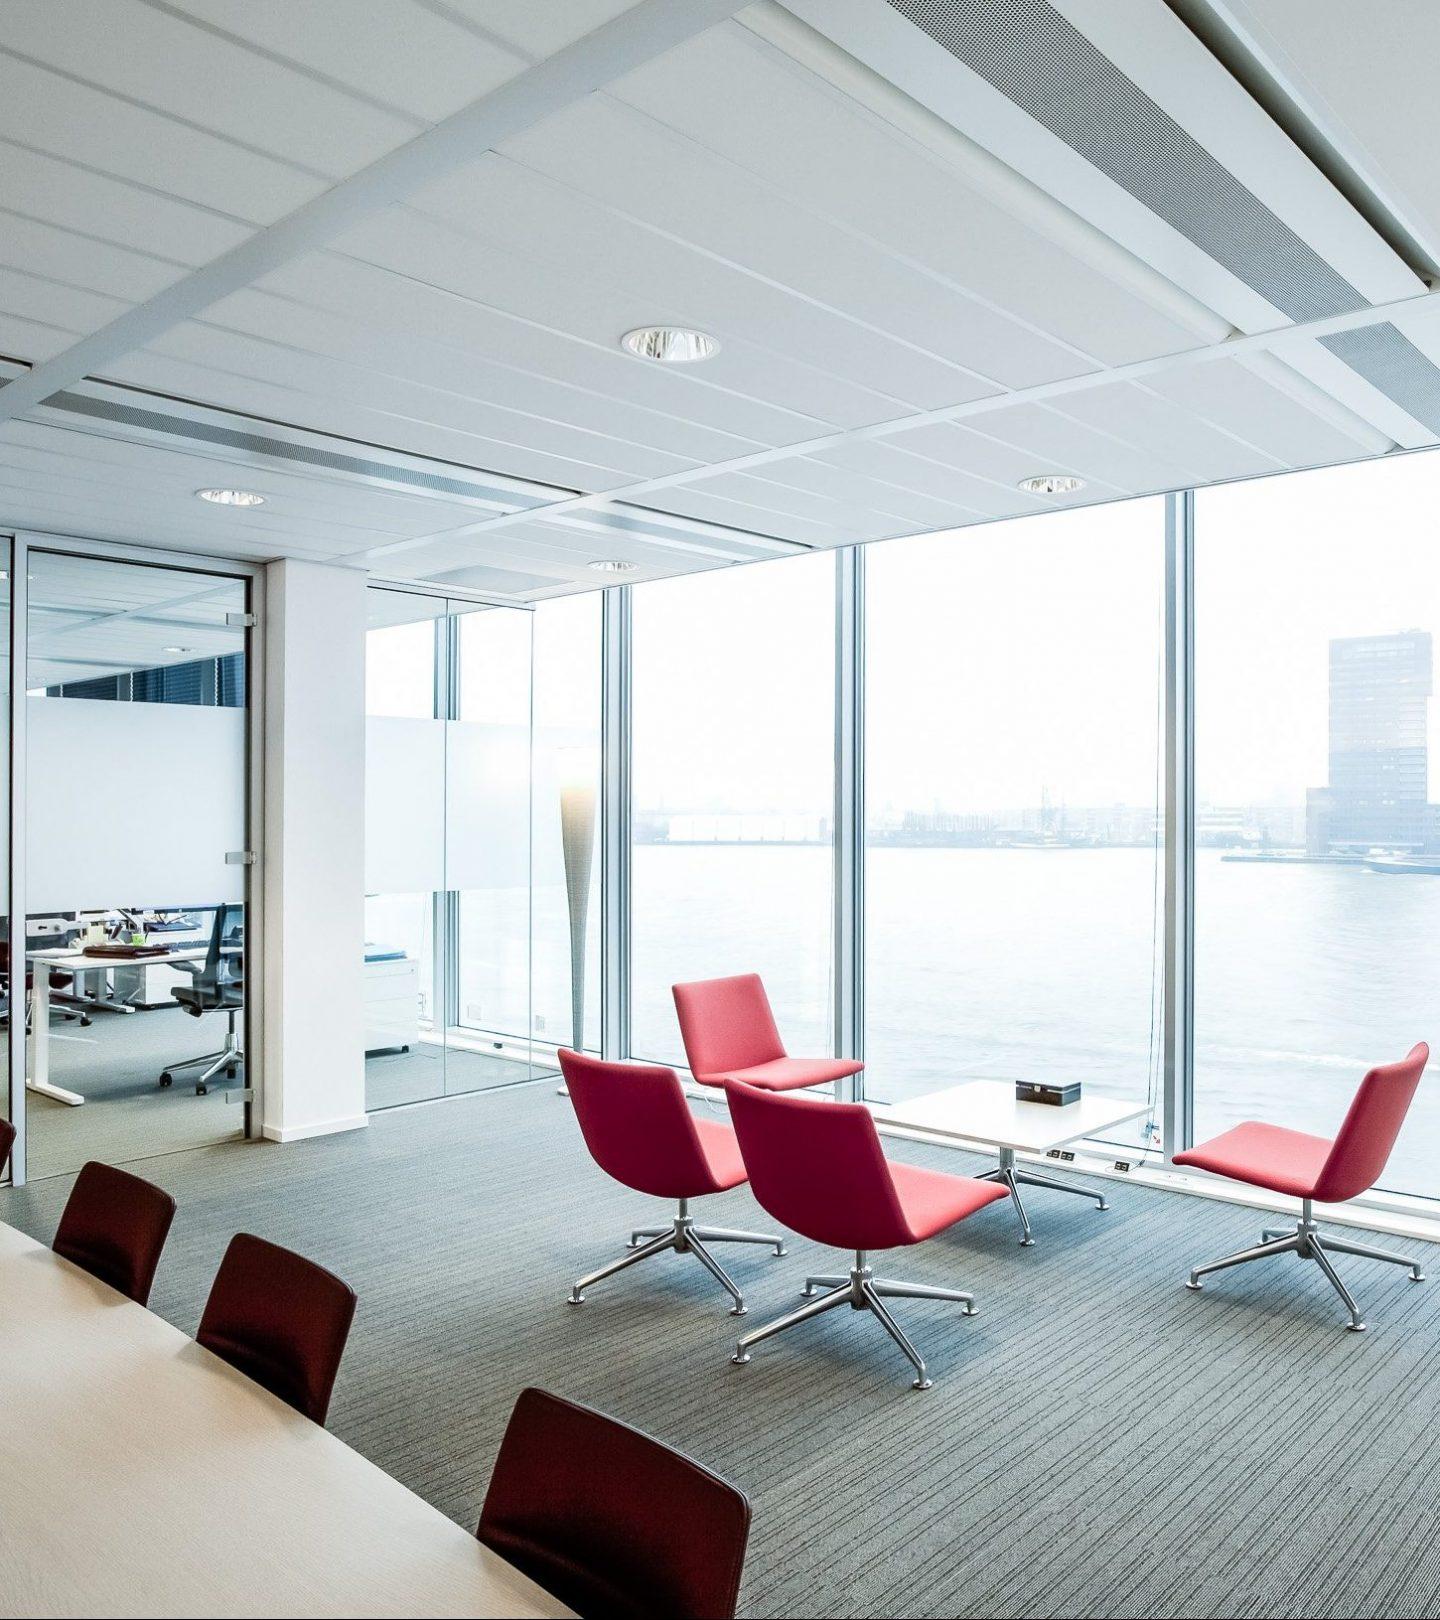 Willingestraat Rotterdam - Innenansicht Besprechungsraum